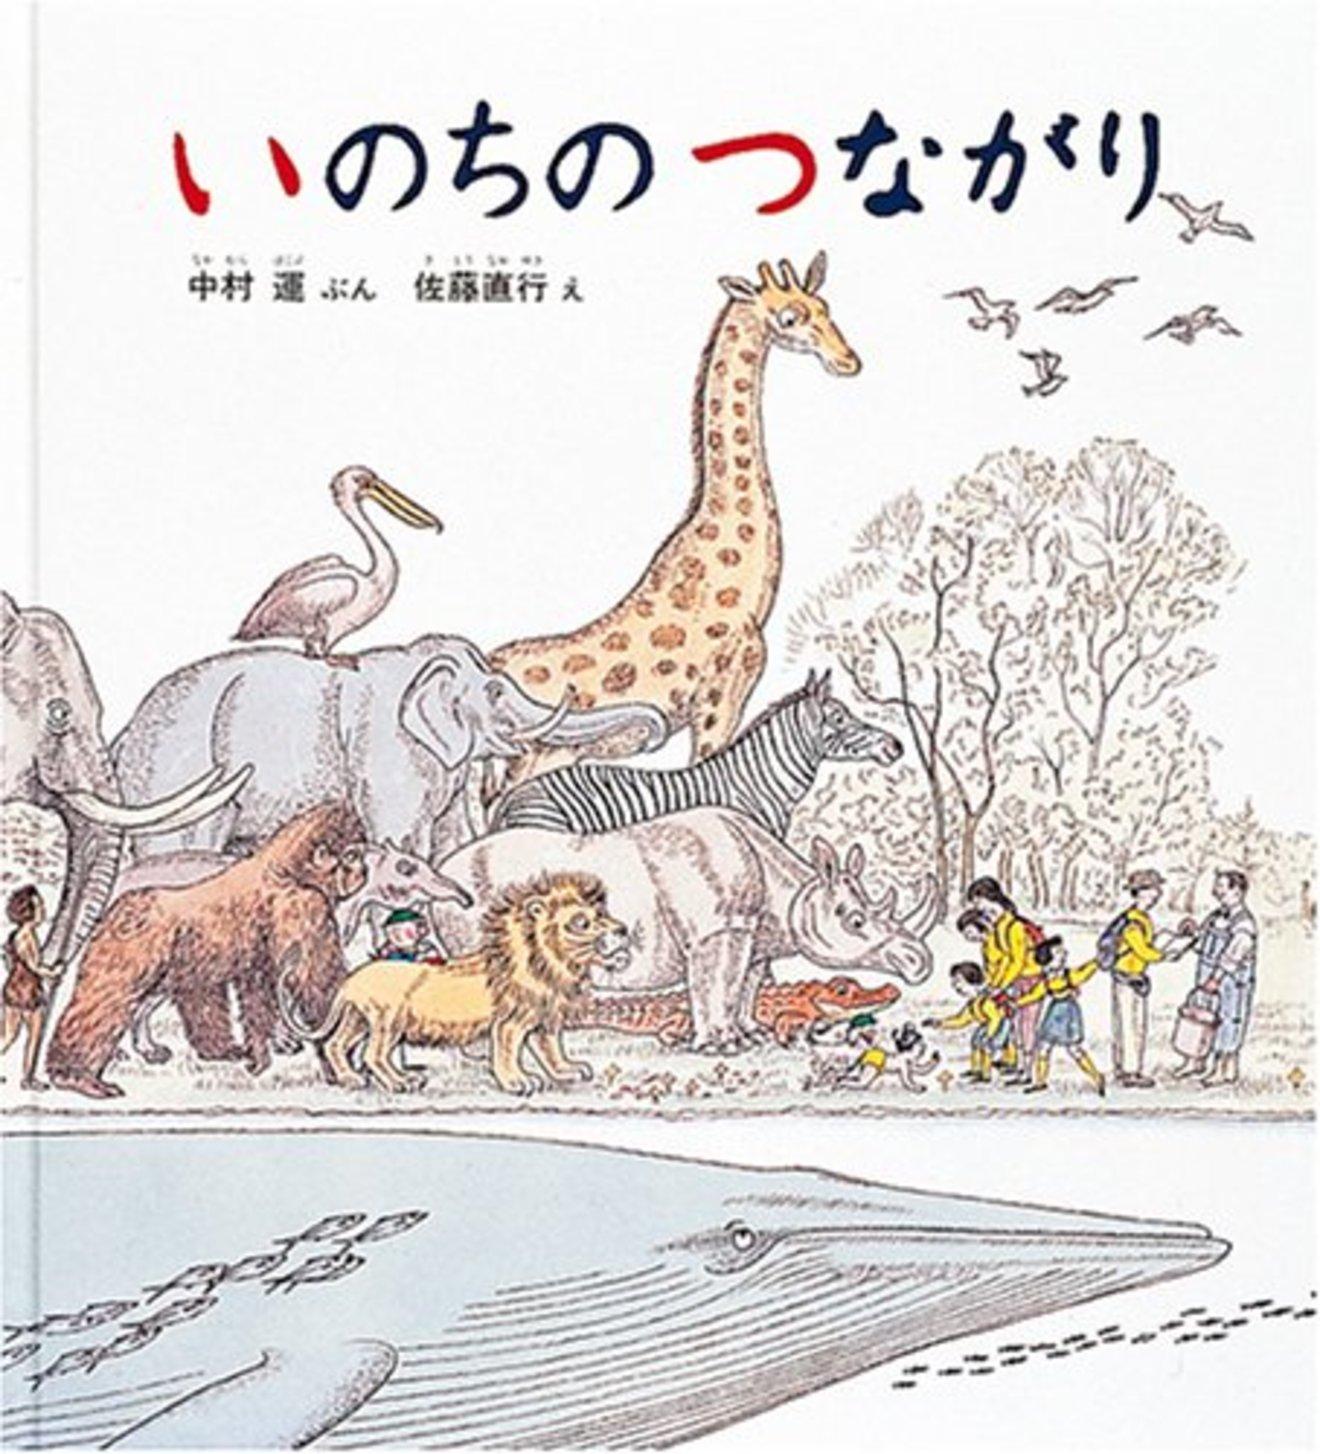 生き物の絵本おすすめ5選!児童向けから大人にこそ読んでほしい本まで